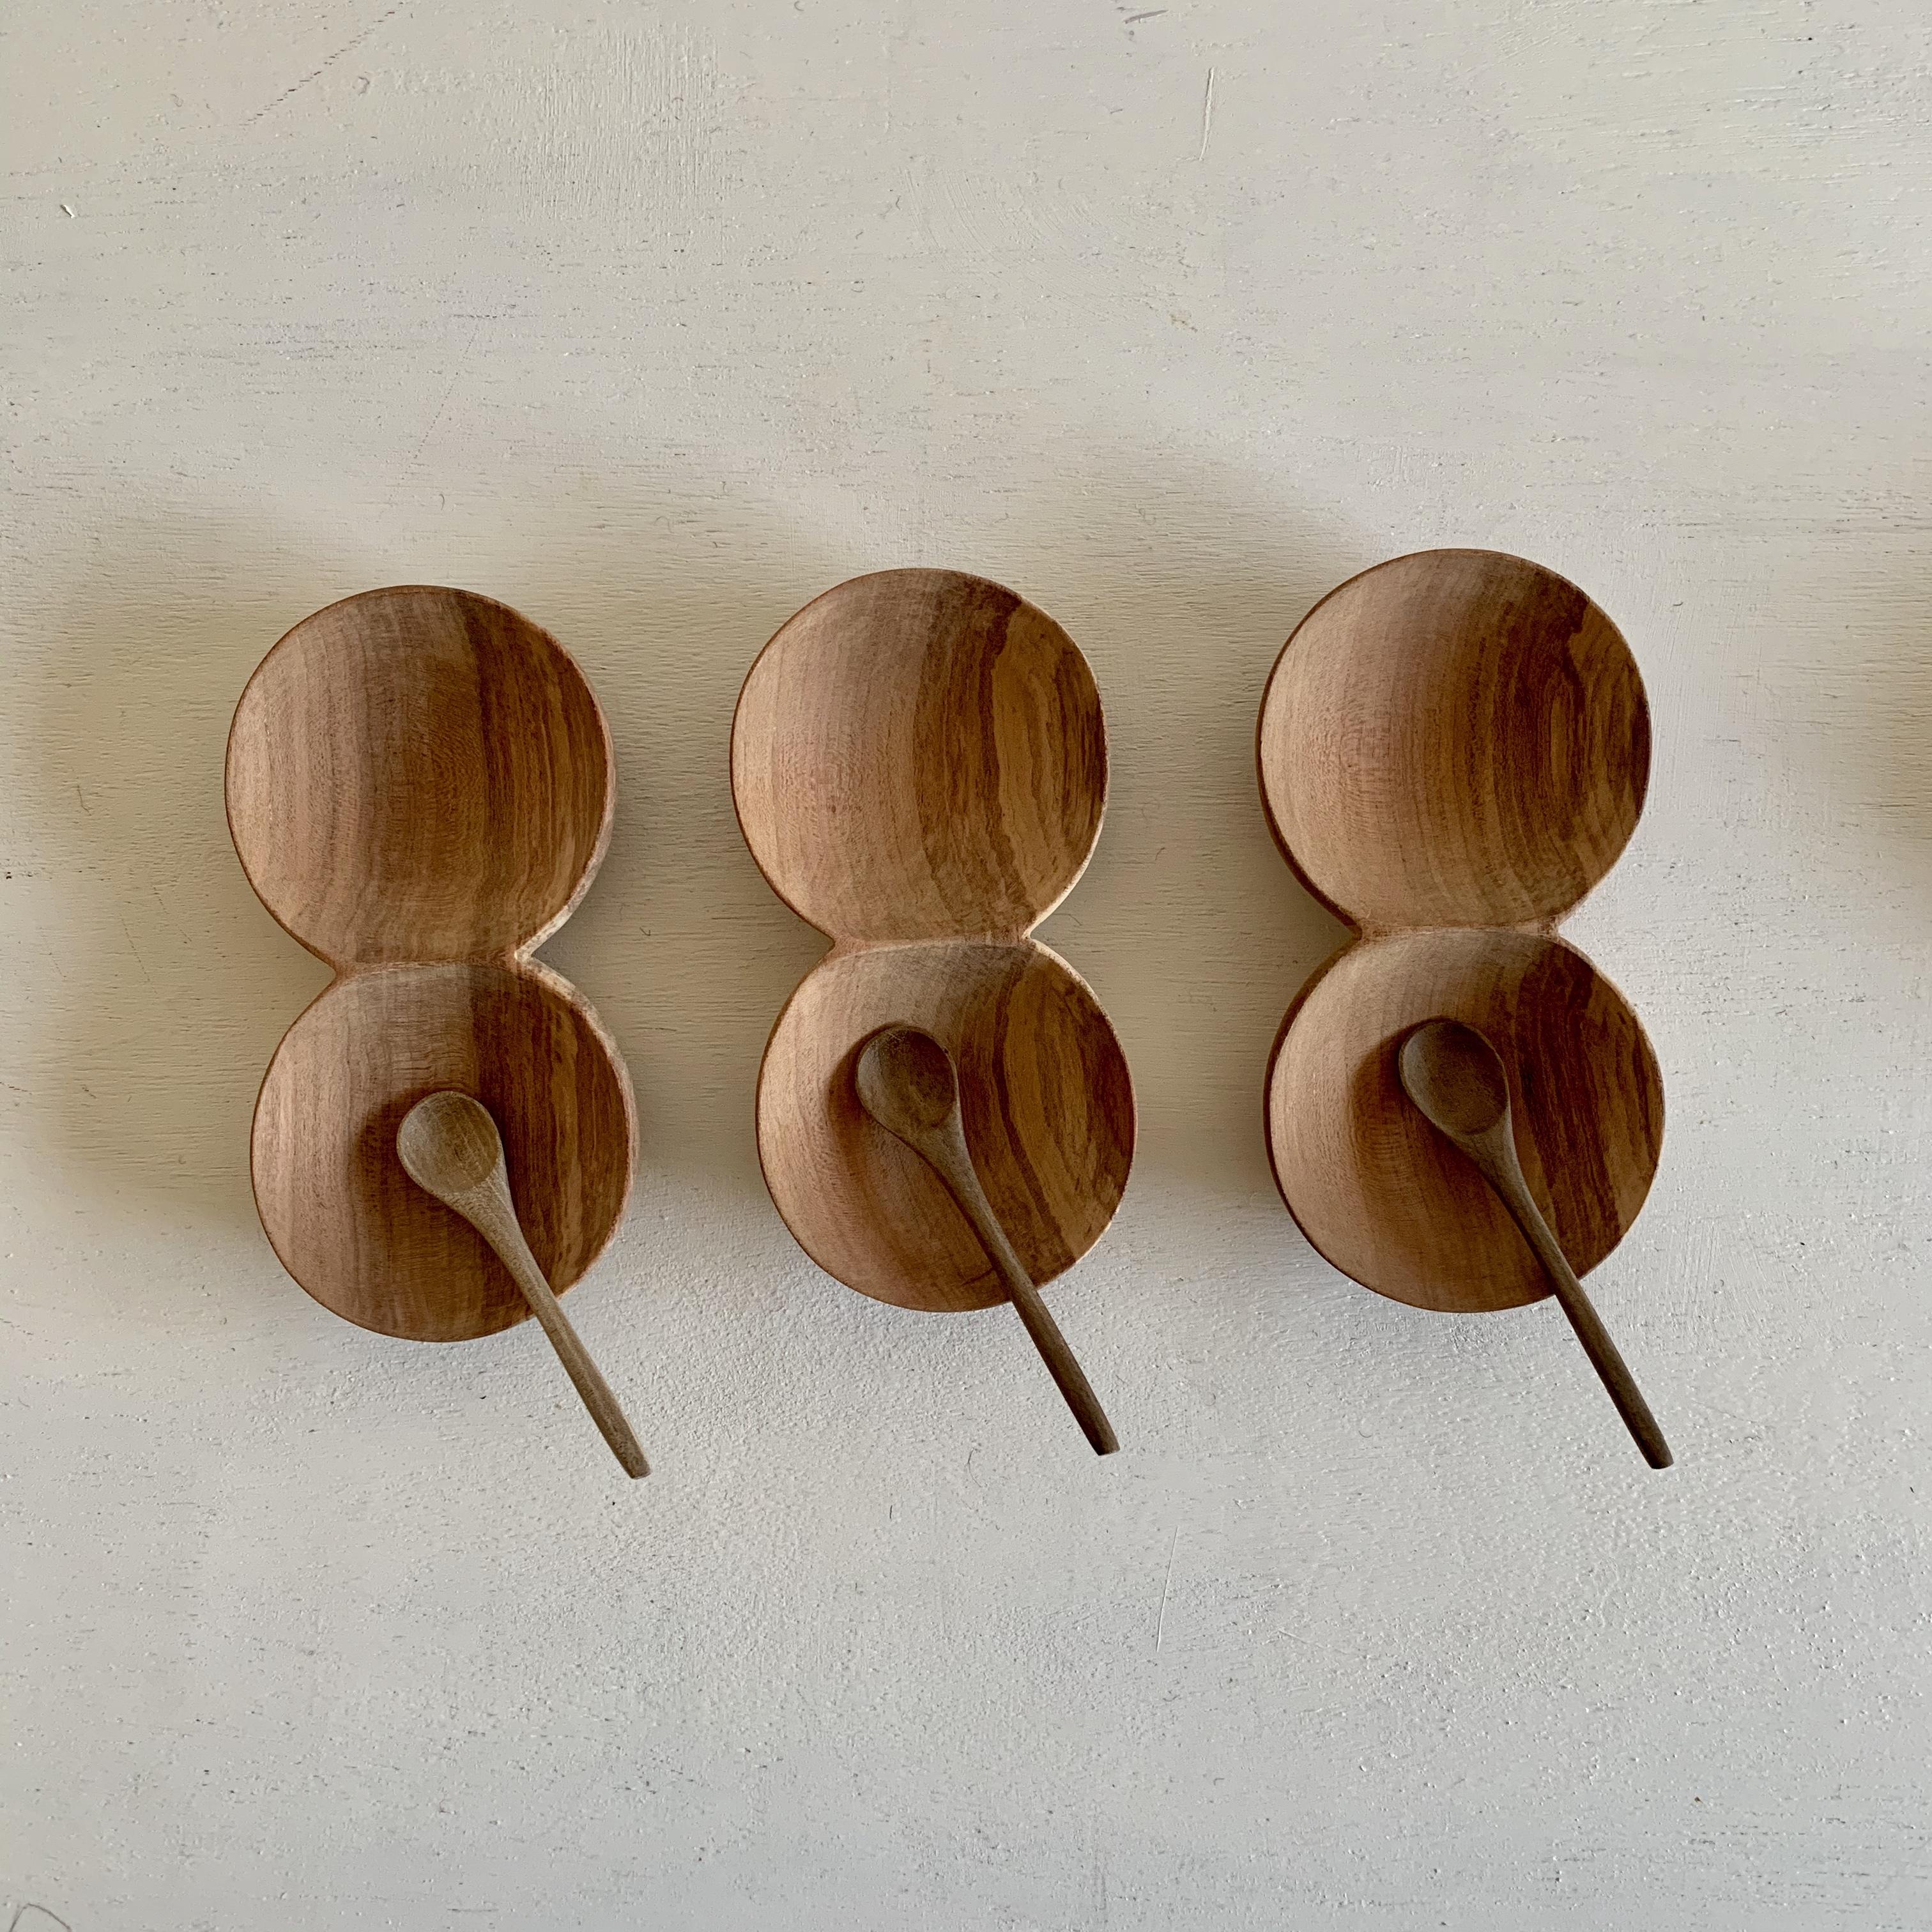 アプリコットの木の二連豆皿と小さなスプーン